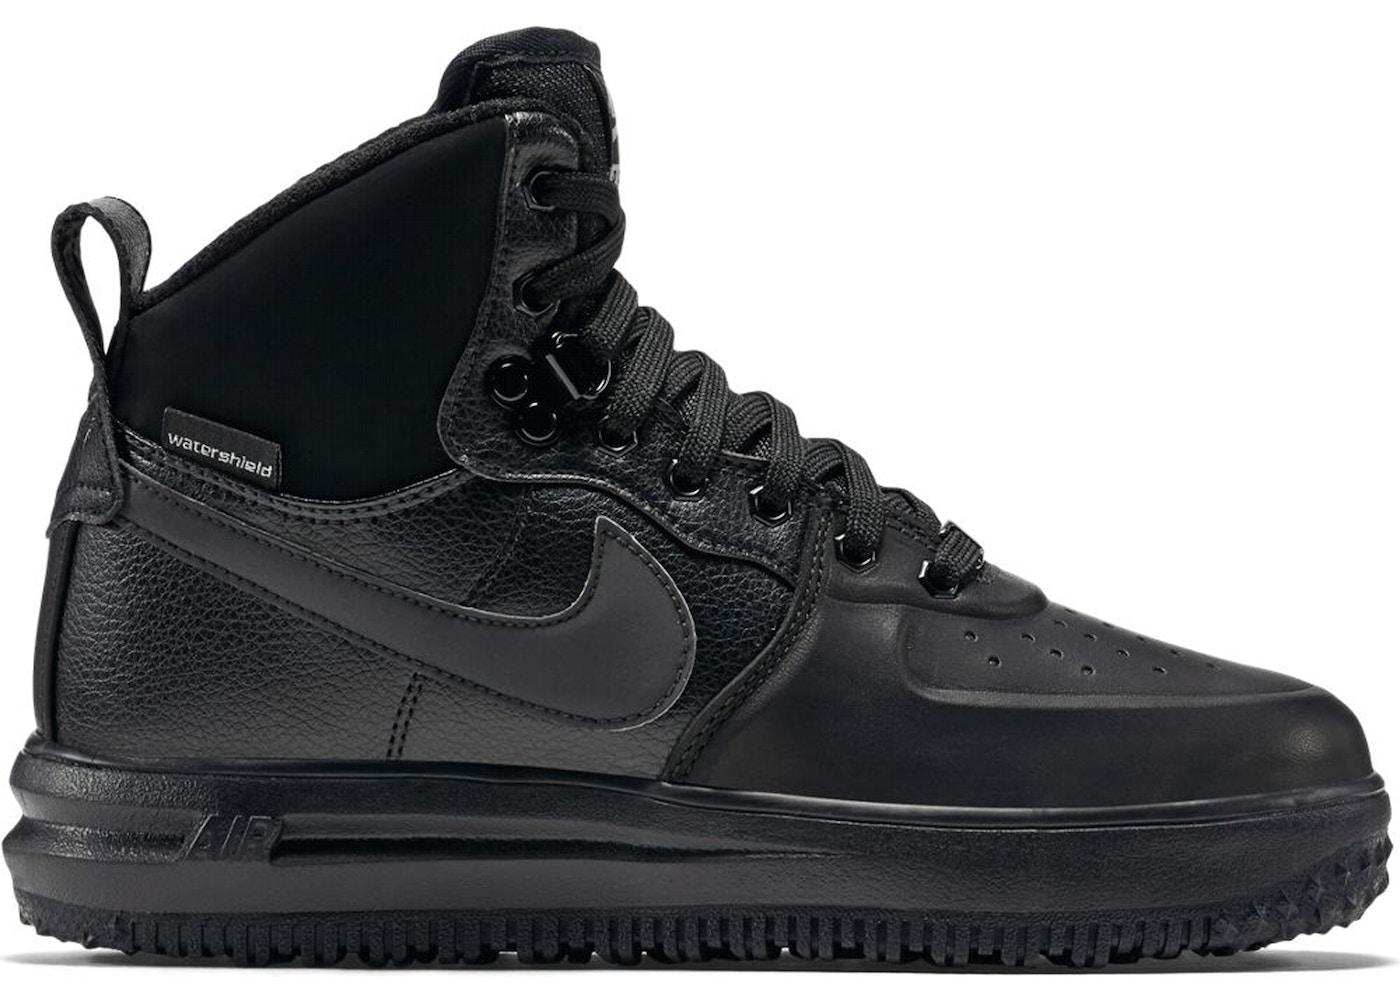 Blackgs 1 Sneakerboot Force Nike Lunar K13ulJTFc